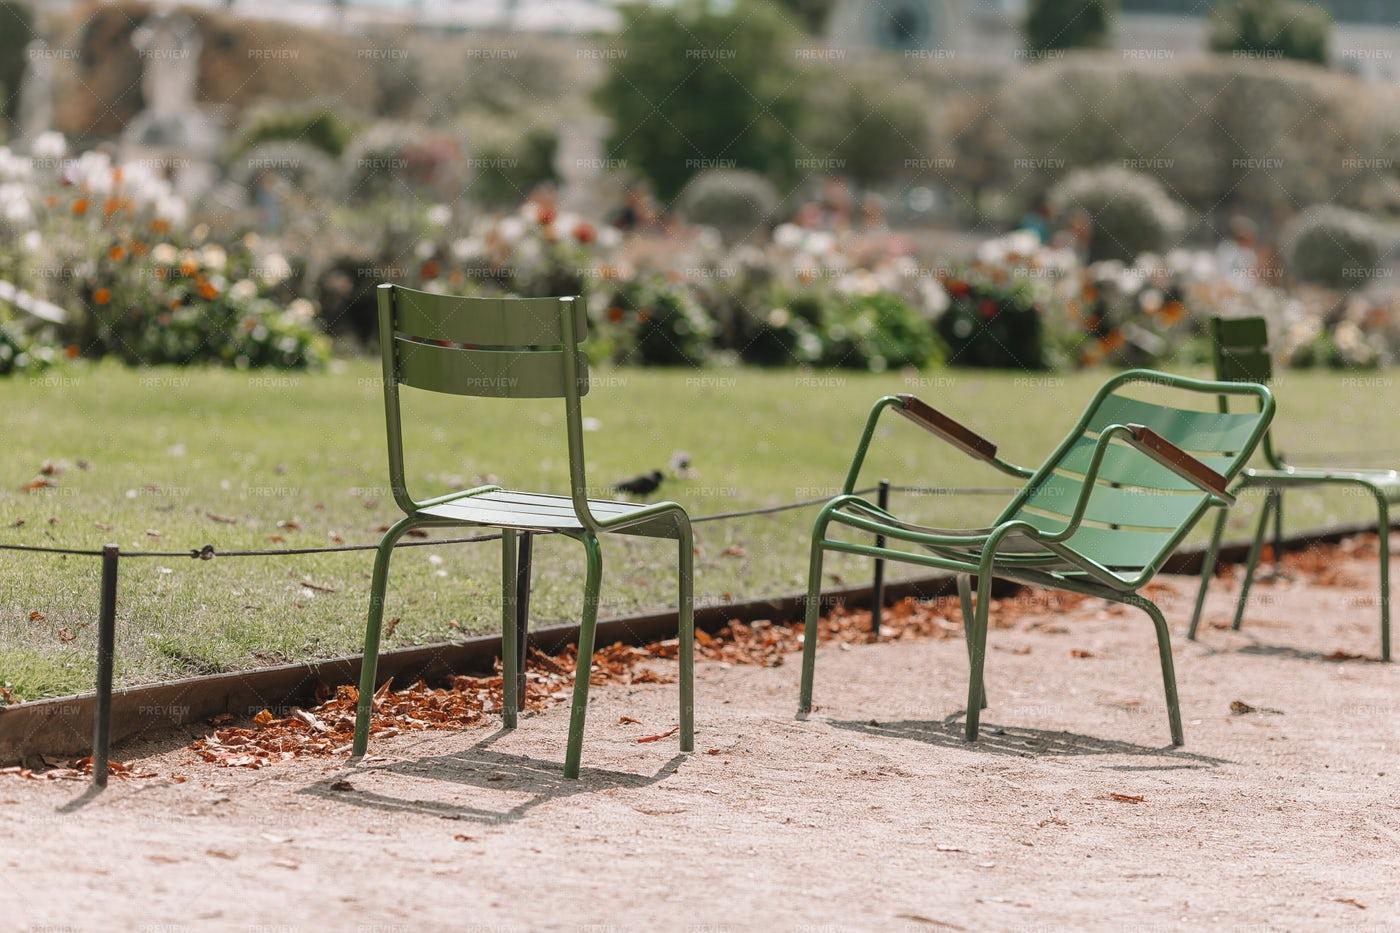 Green Chairs In A Garden: Stock Photos